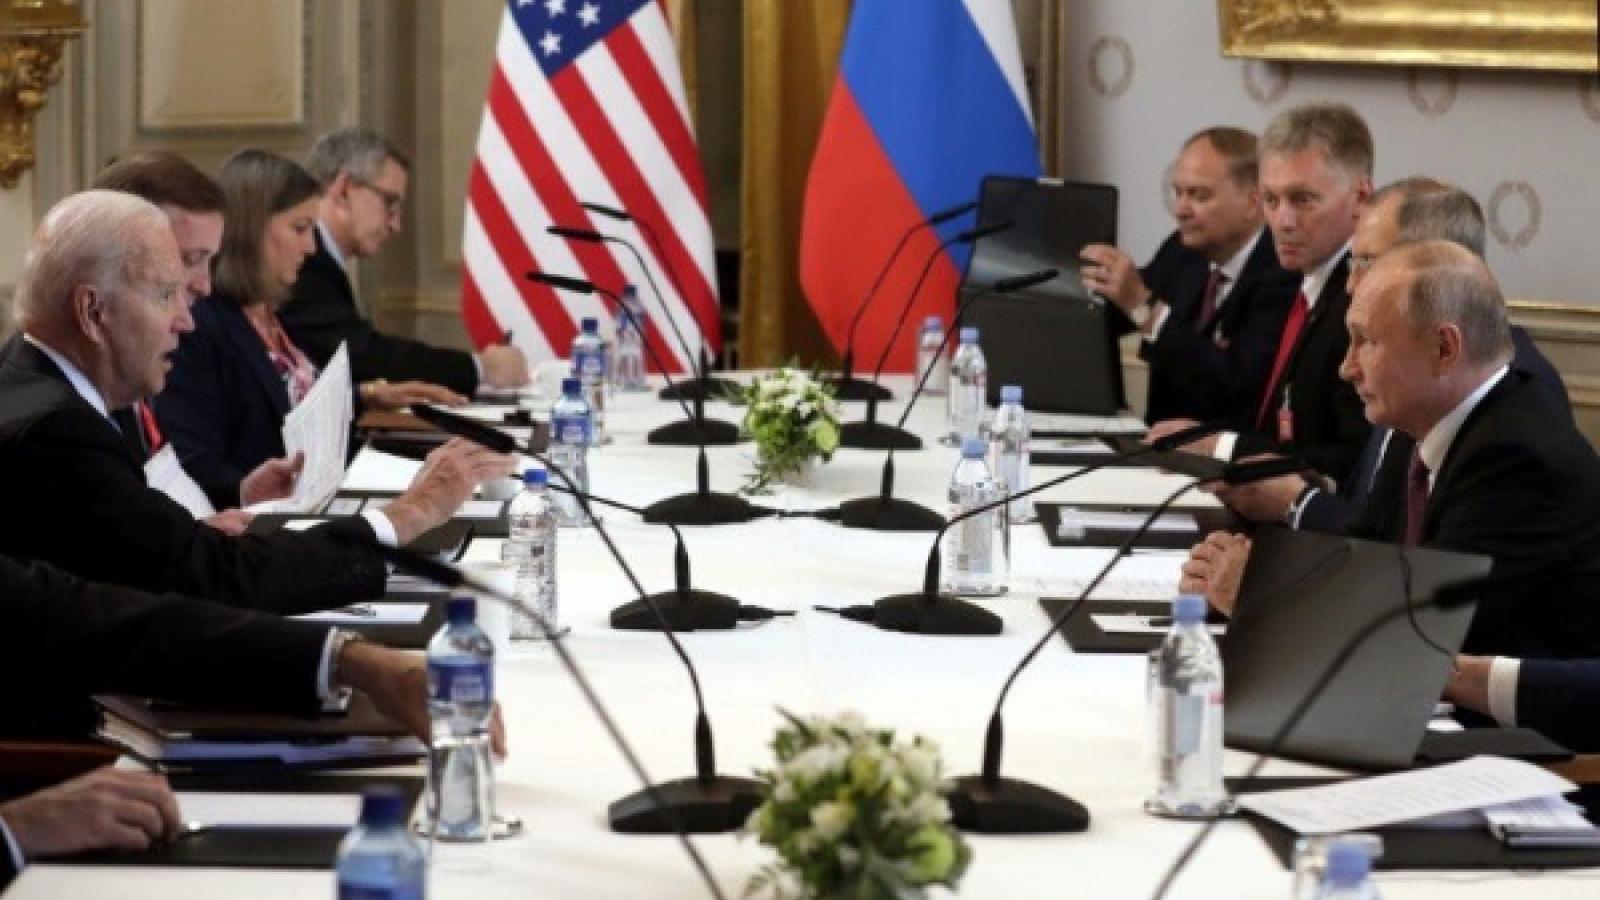 Ông Putin: Cuộcđối thoại với ôngBiden mang tính xây dựng và không có thái độ thù địch